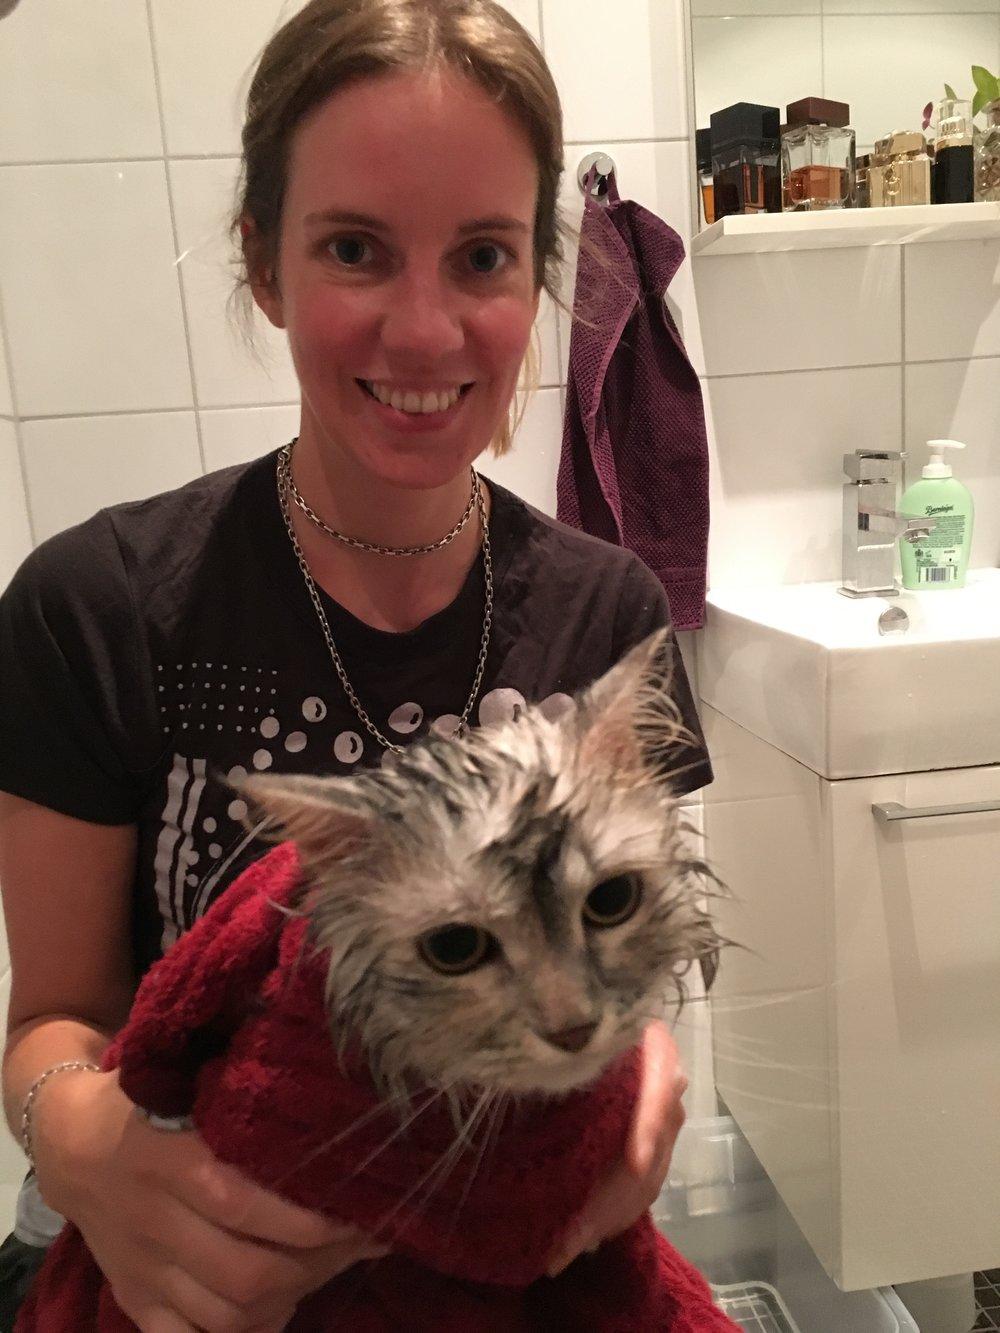 Sara, den gullnosen, stod inte bara för söndagsmiddagen - utan hjälpte även till att bada vår katt Pixel. Kissen var kanske inte helnöjd med att hamna i duschen, men se så fräsch hon är!